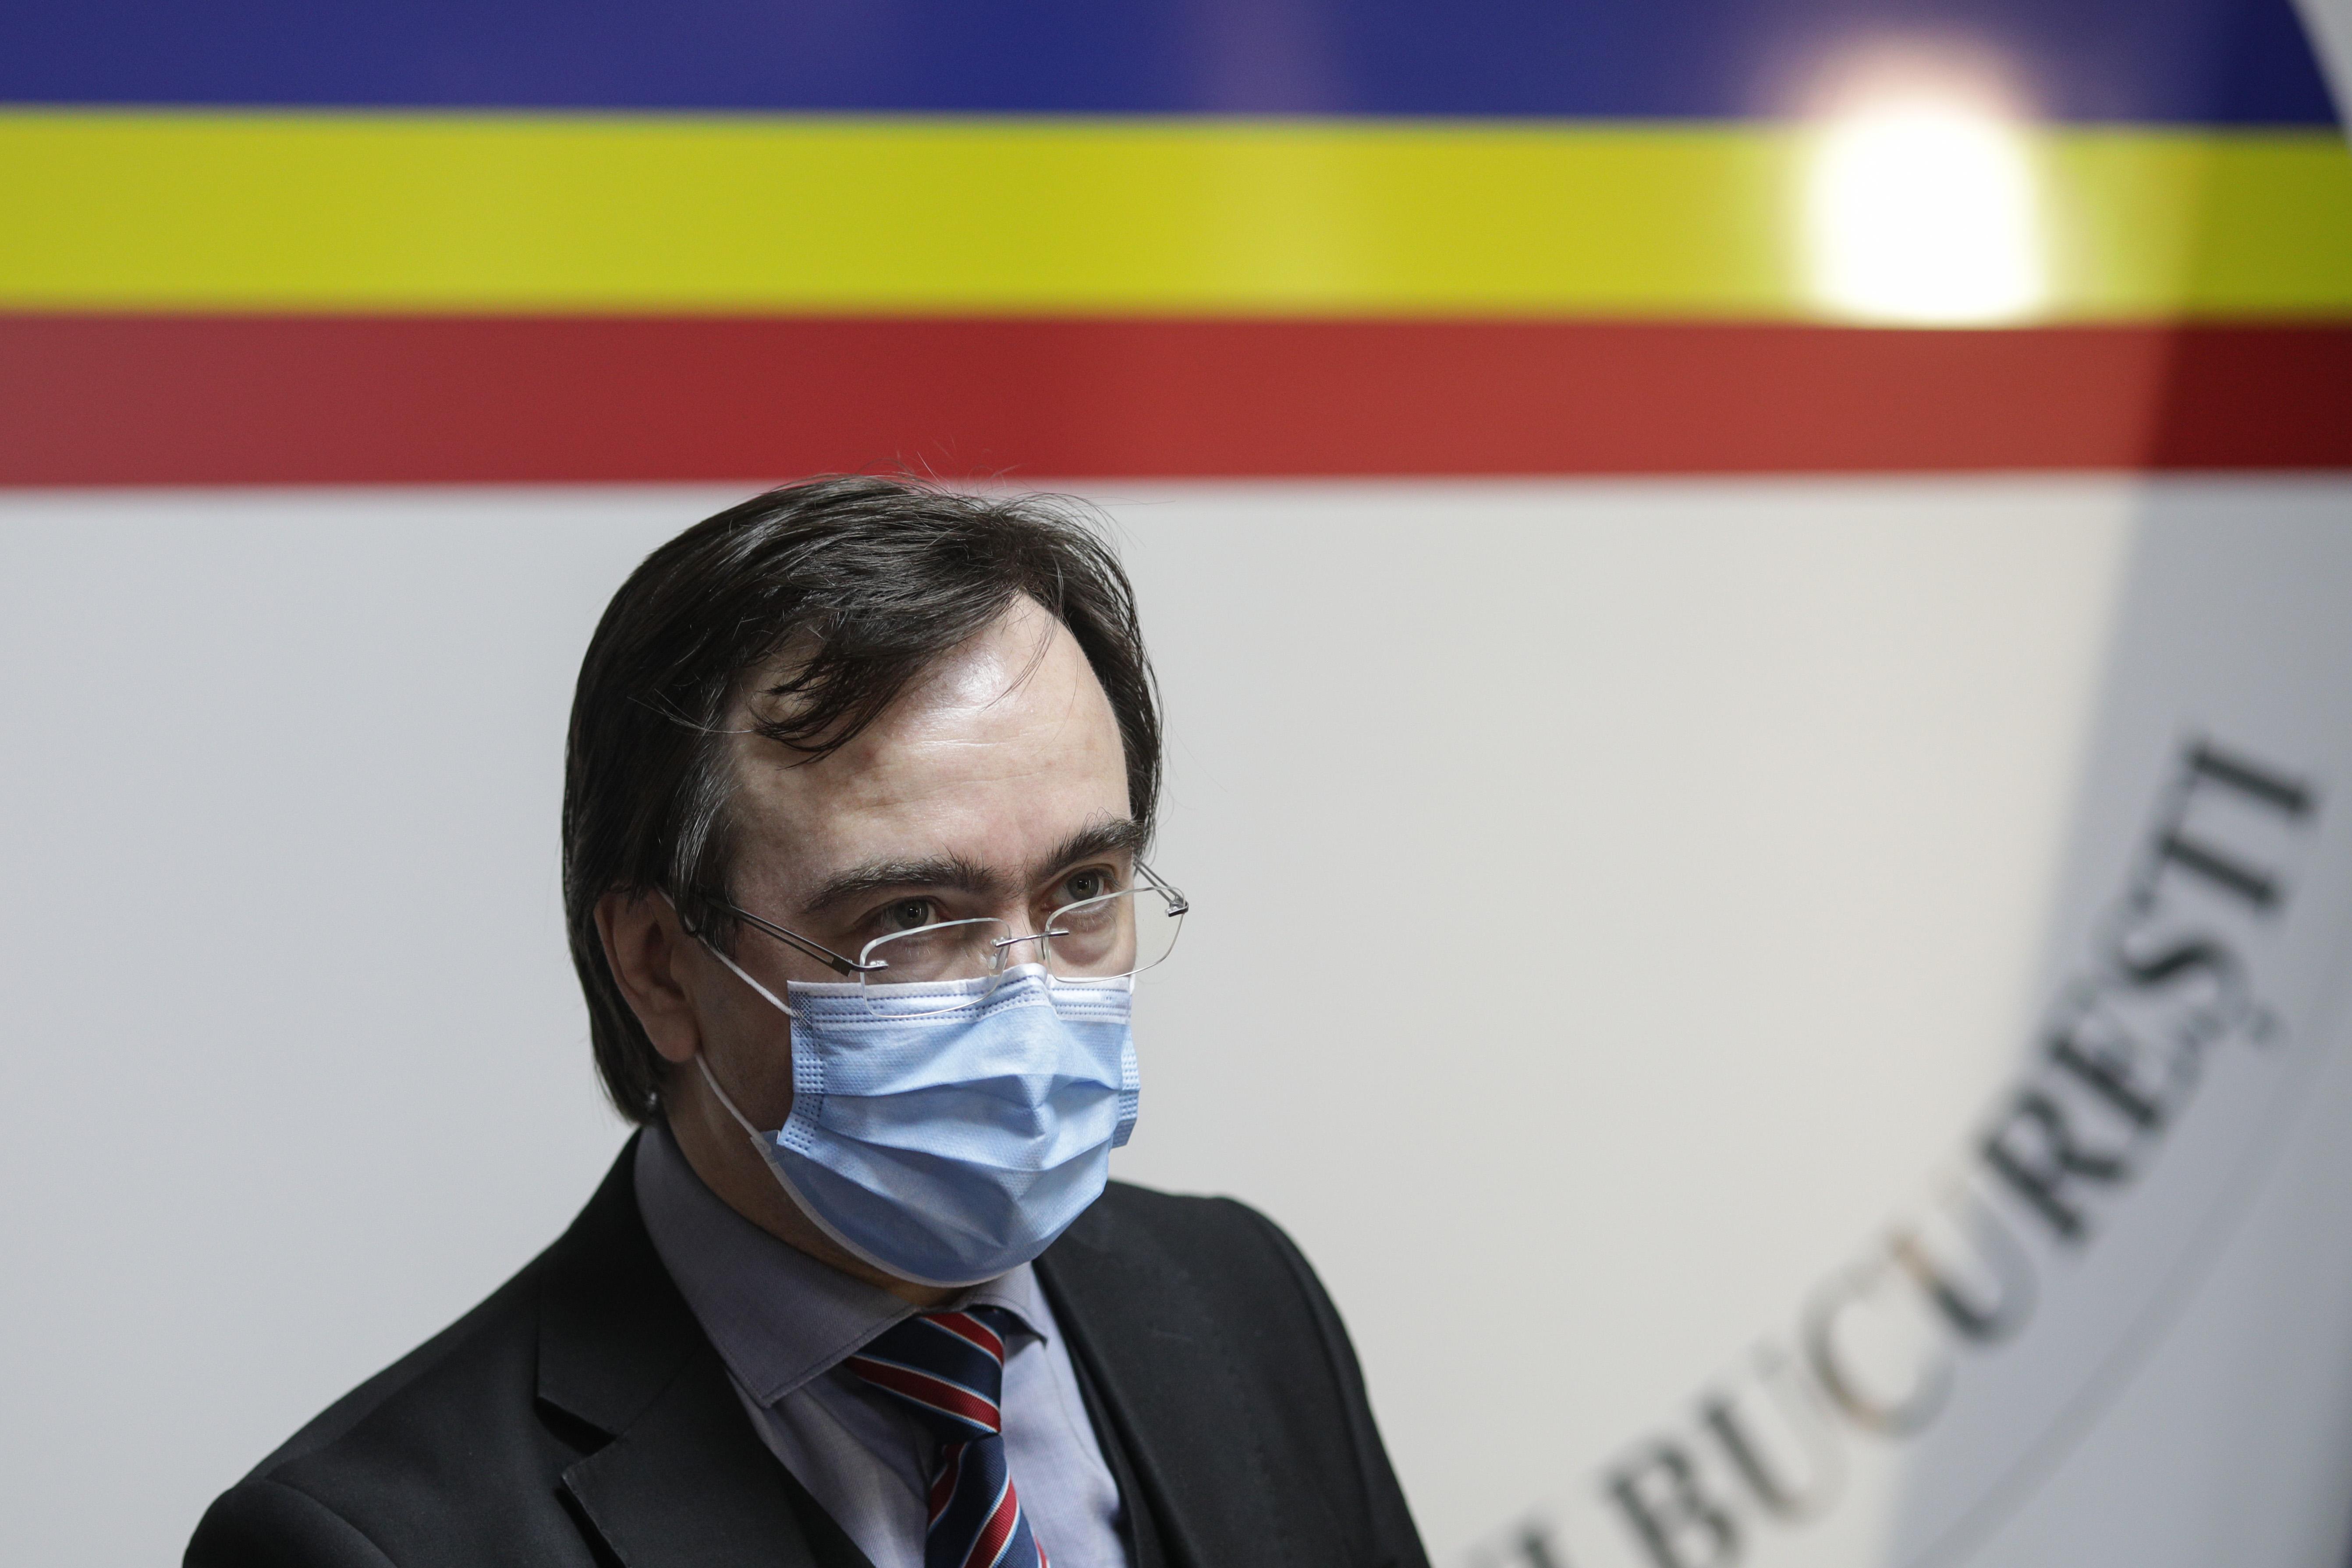 Prefectul Capitalei: Incidenta cazurilor de coronavirus s-a triplat in ultimele doua saptamani. El cere vaccinarea personalului medical